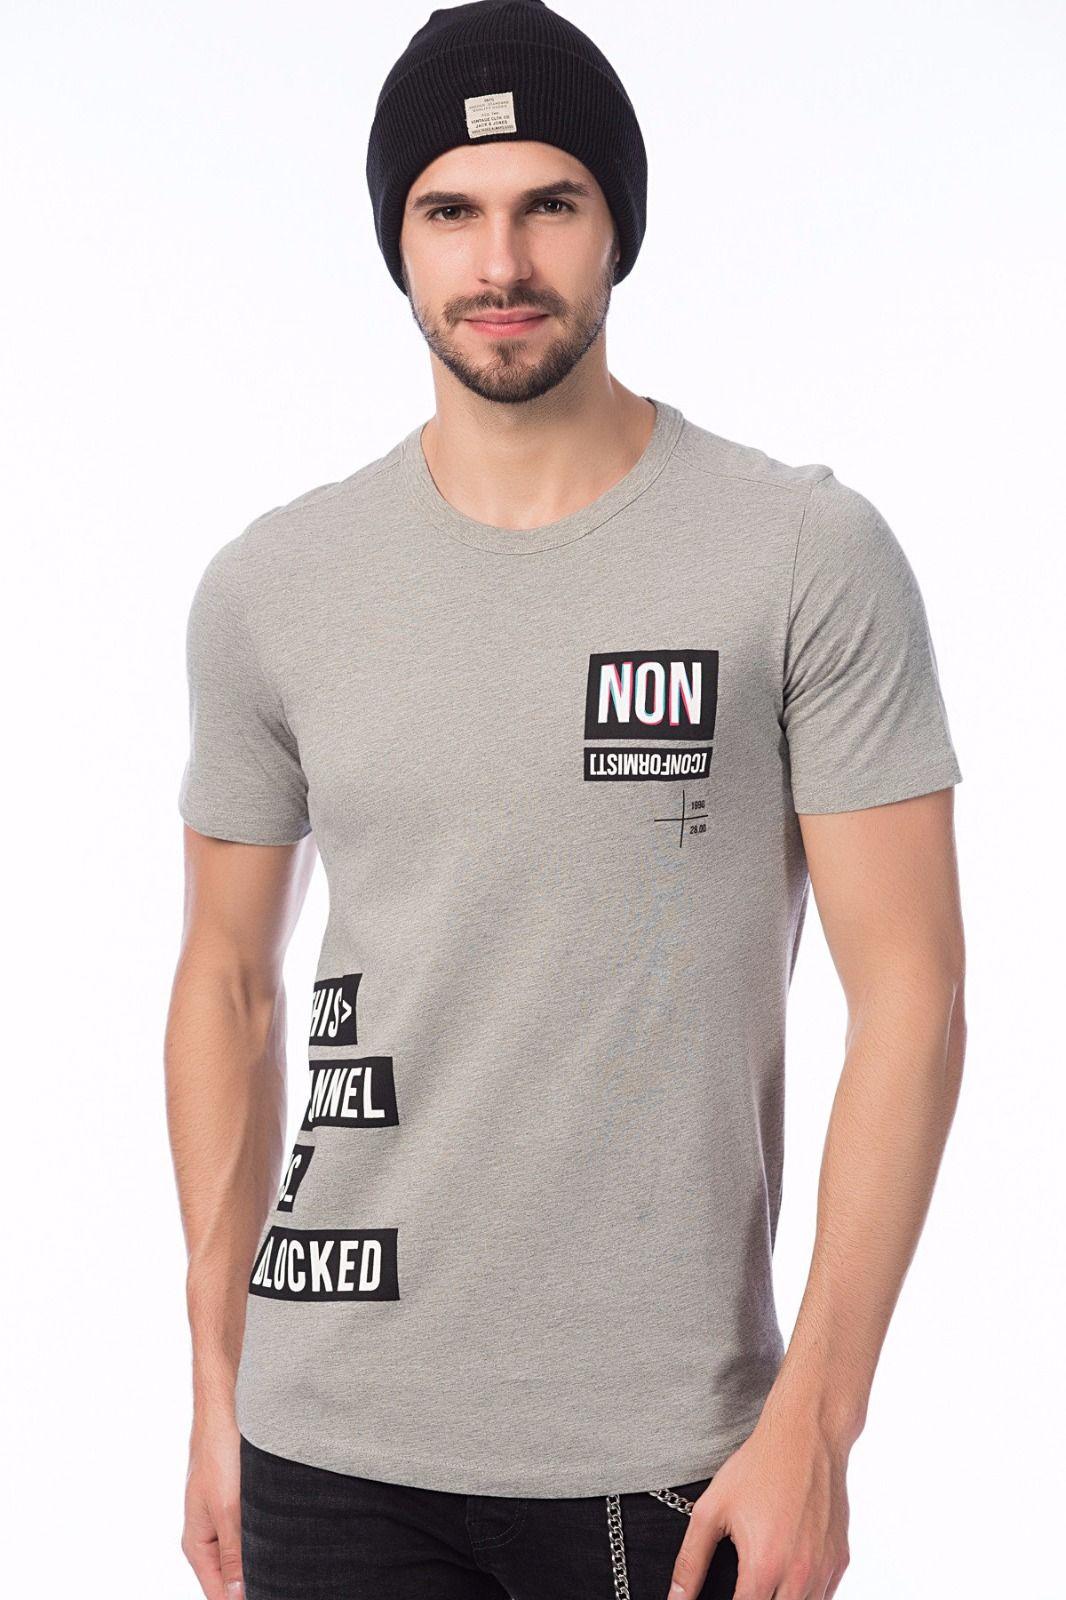 Moda Para Hombres, Playeras, Moda Masculina, Camisetas, Tendencias De Moda, Ropa  Para Hombre, Camiseta, Estilo De Hombre, Mínimo